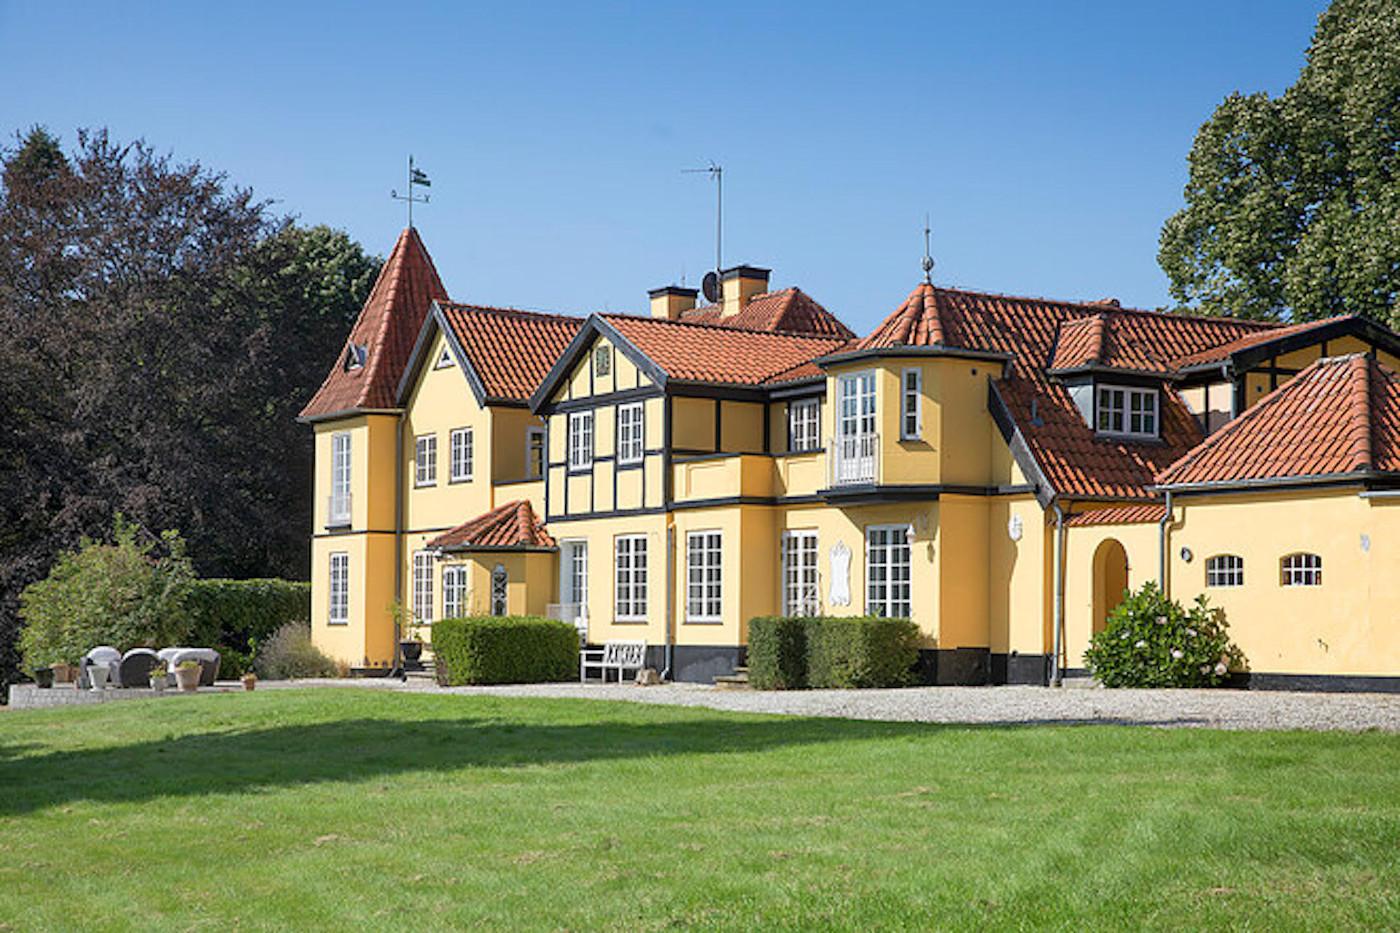 Aqua-ægtepar Lene Nystrøm og Søren Rasted solgte deres villa i Birkerød for 23,5 millioner kroner. Foto: Irving Jensen & Co. – ejendomsmæglere.